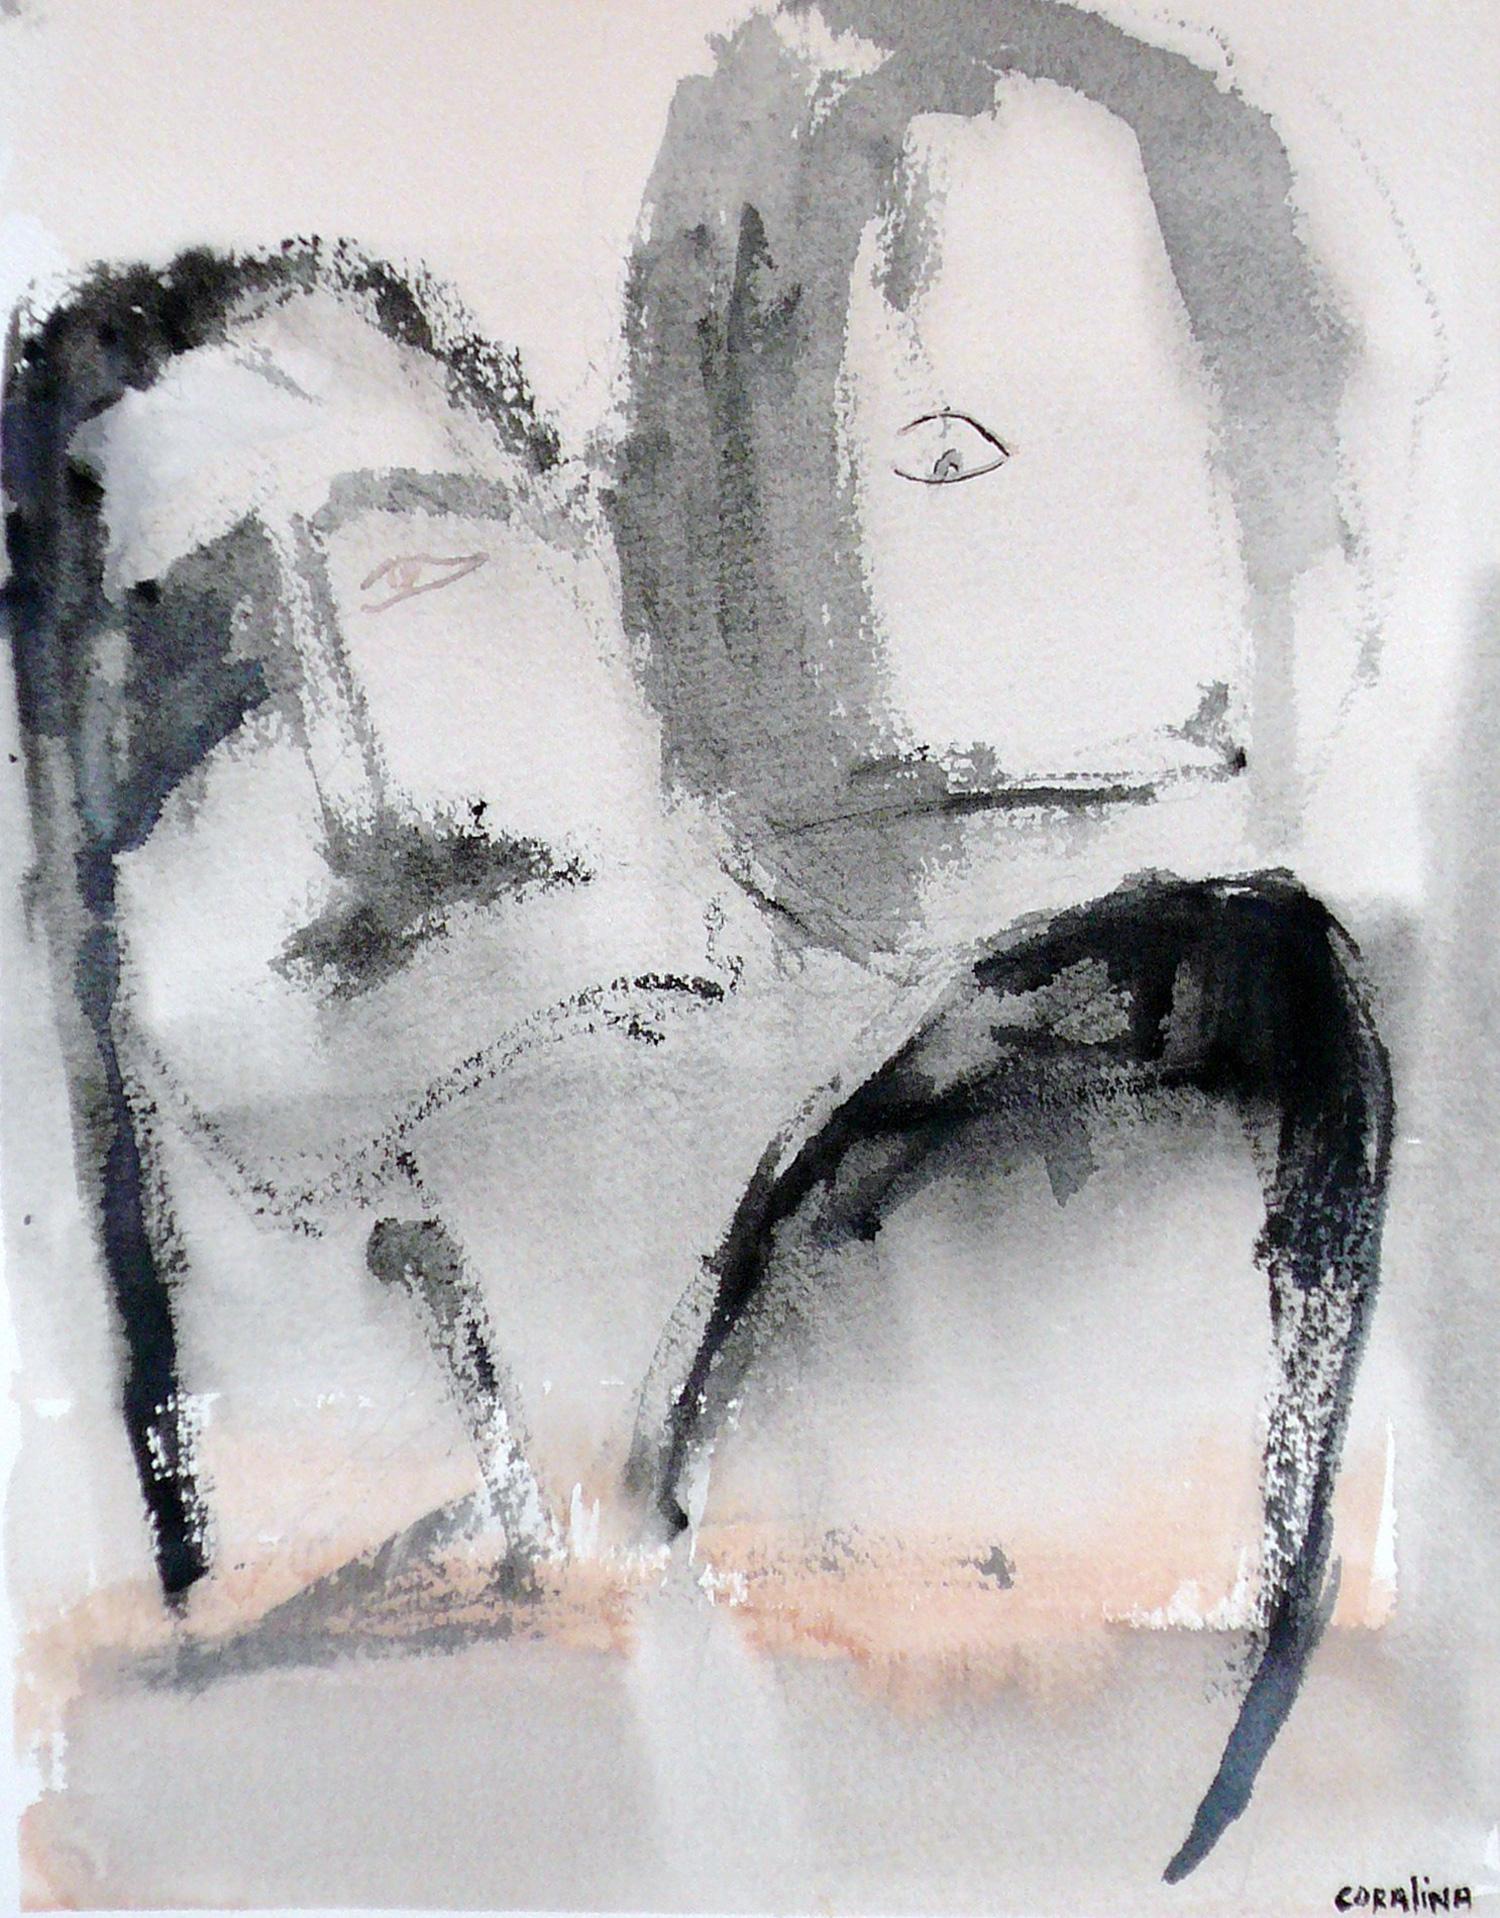 #6 Watercoloron Paper 2x16in (31x41cm)